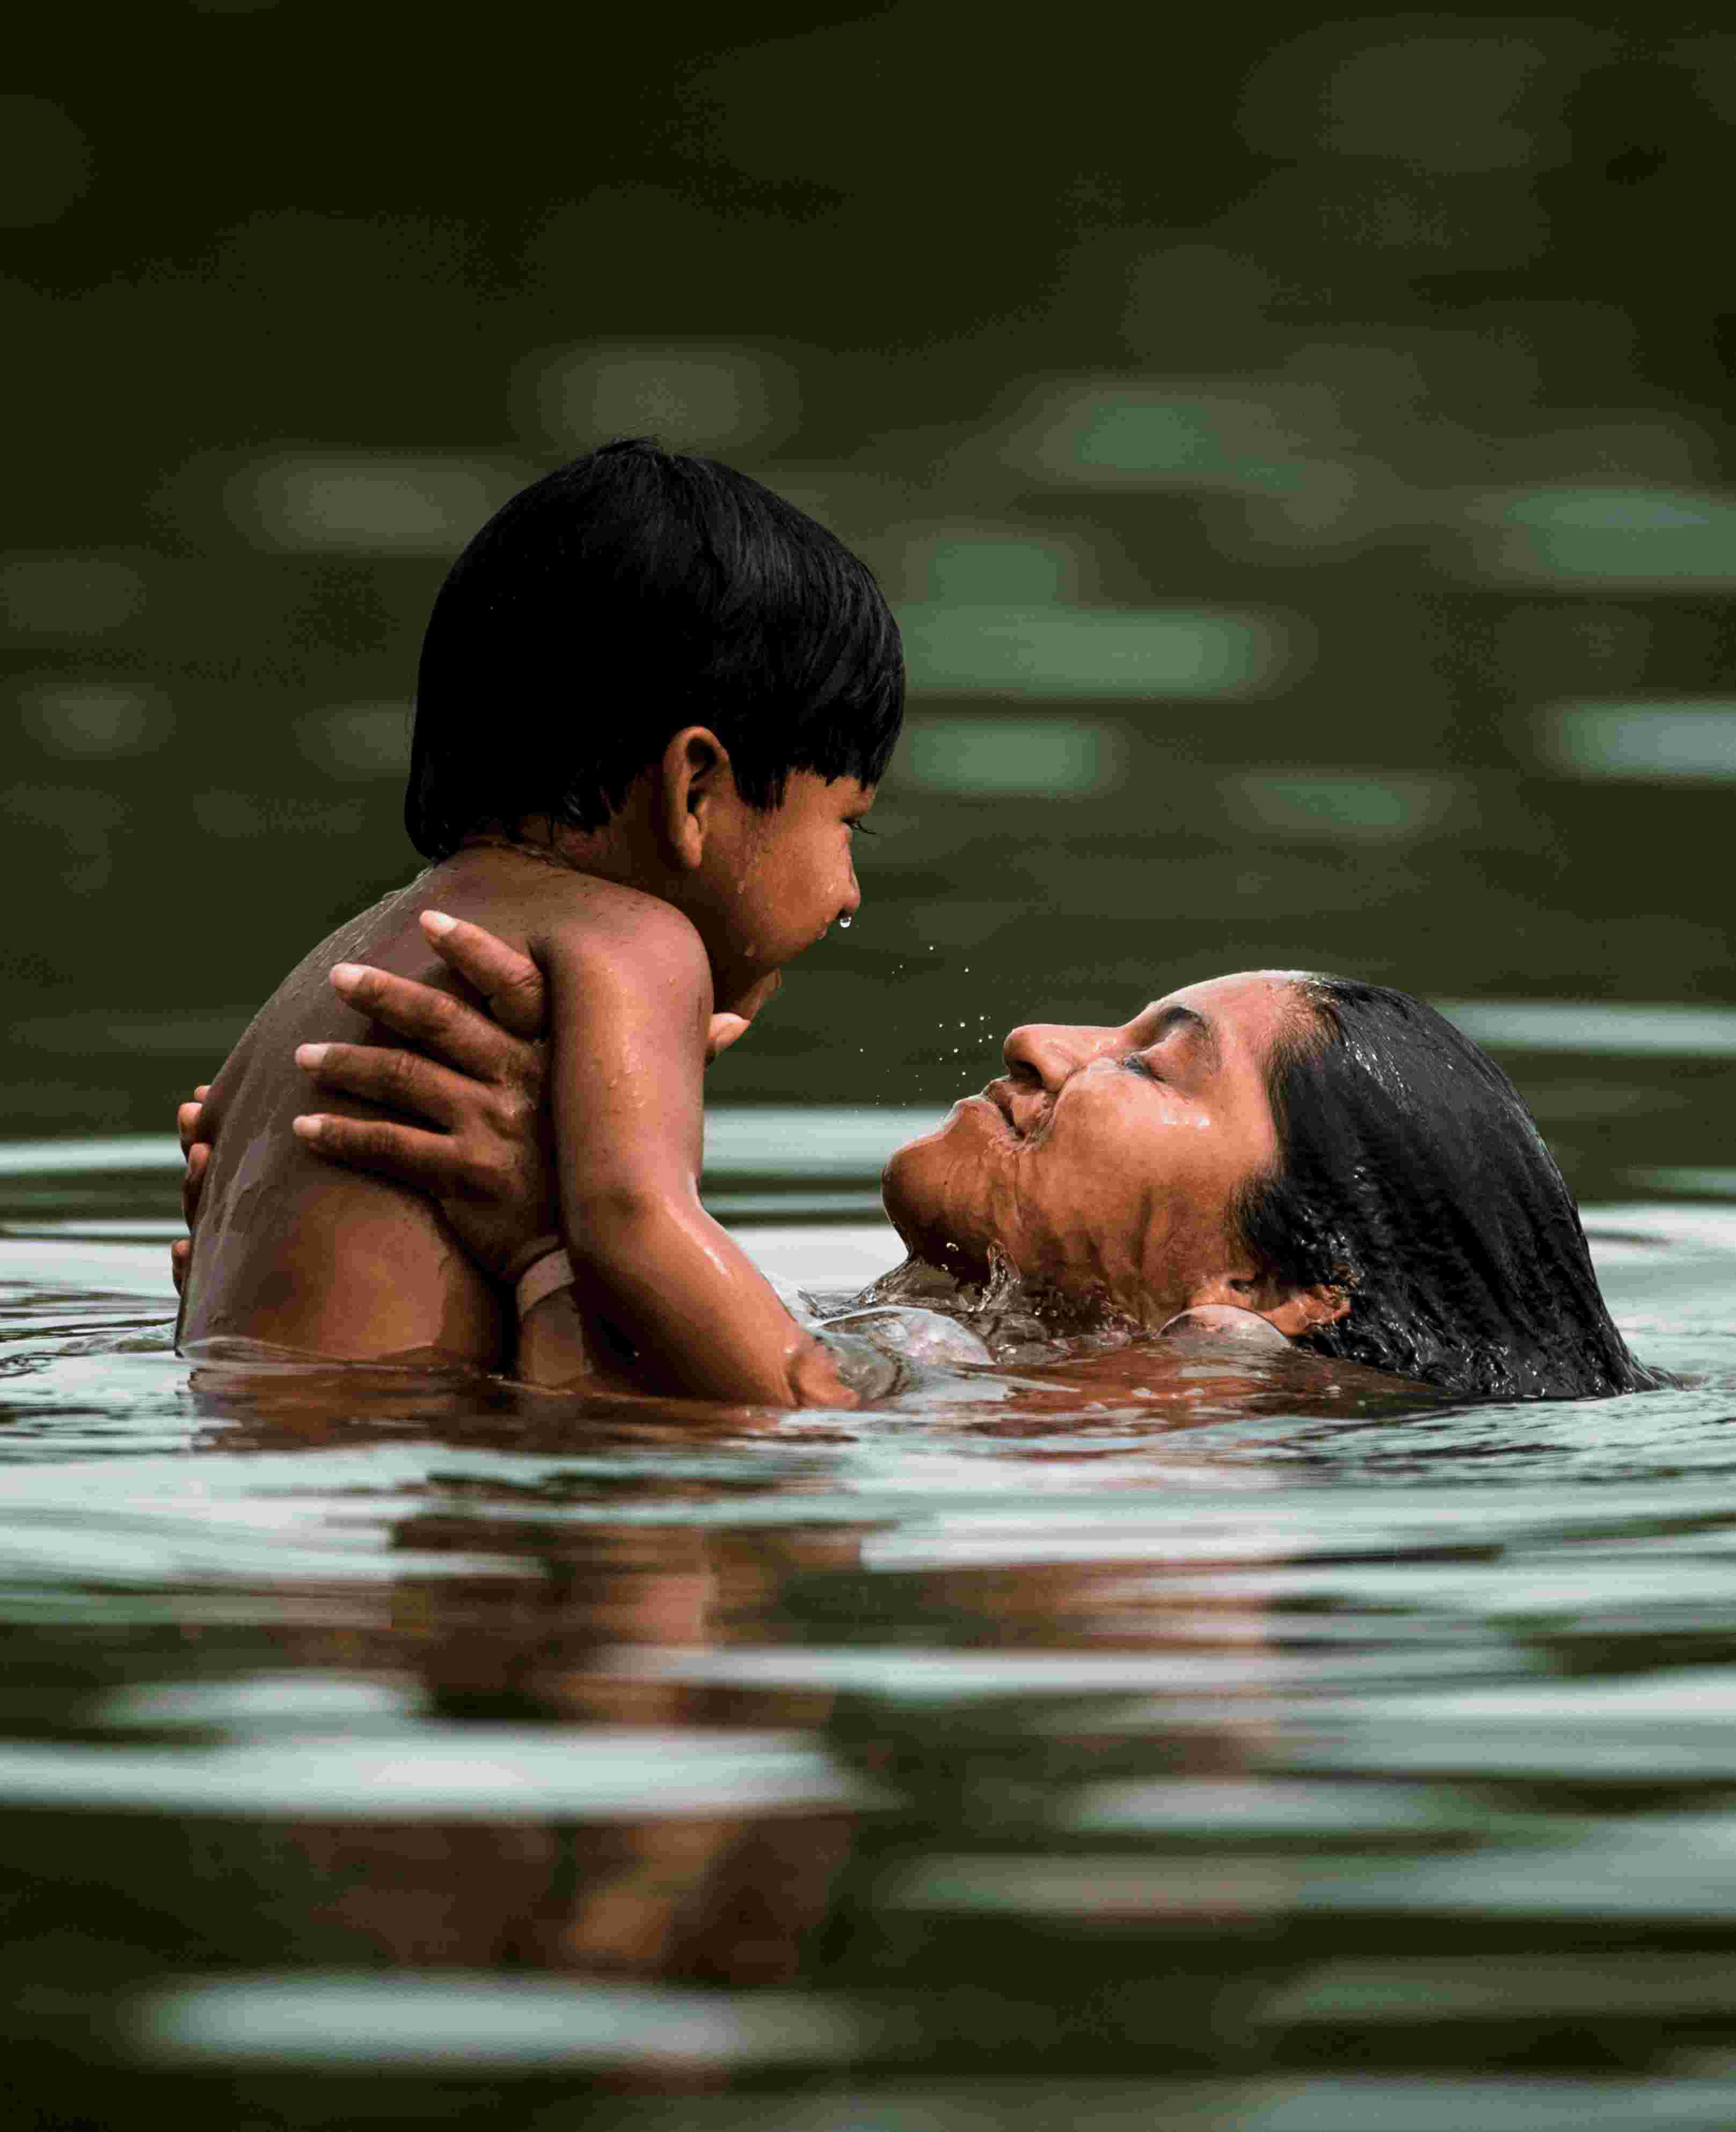 Quatro aprendizados sobre a cultura indígena